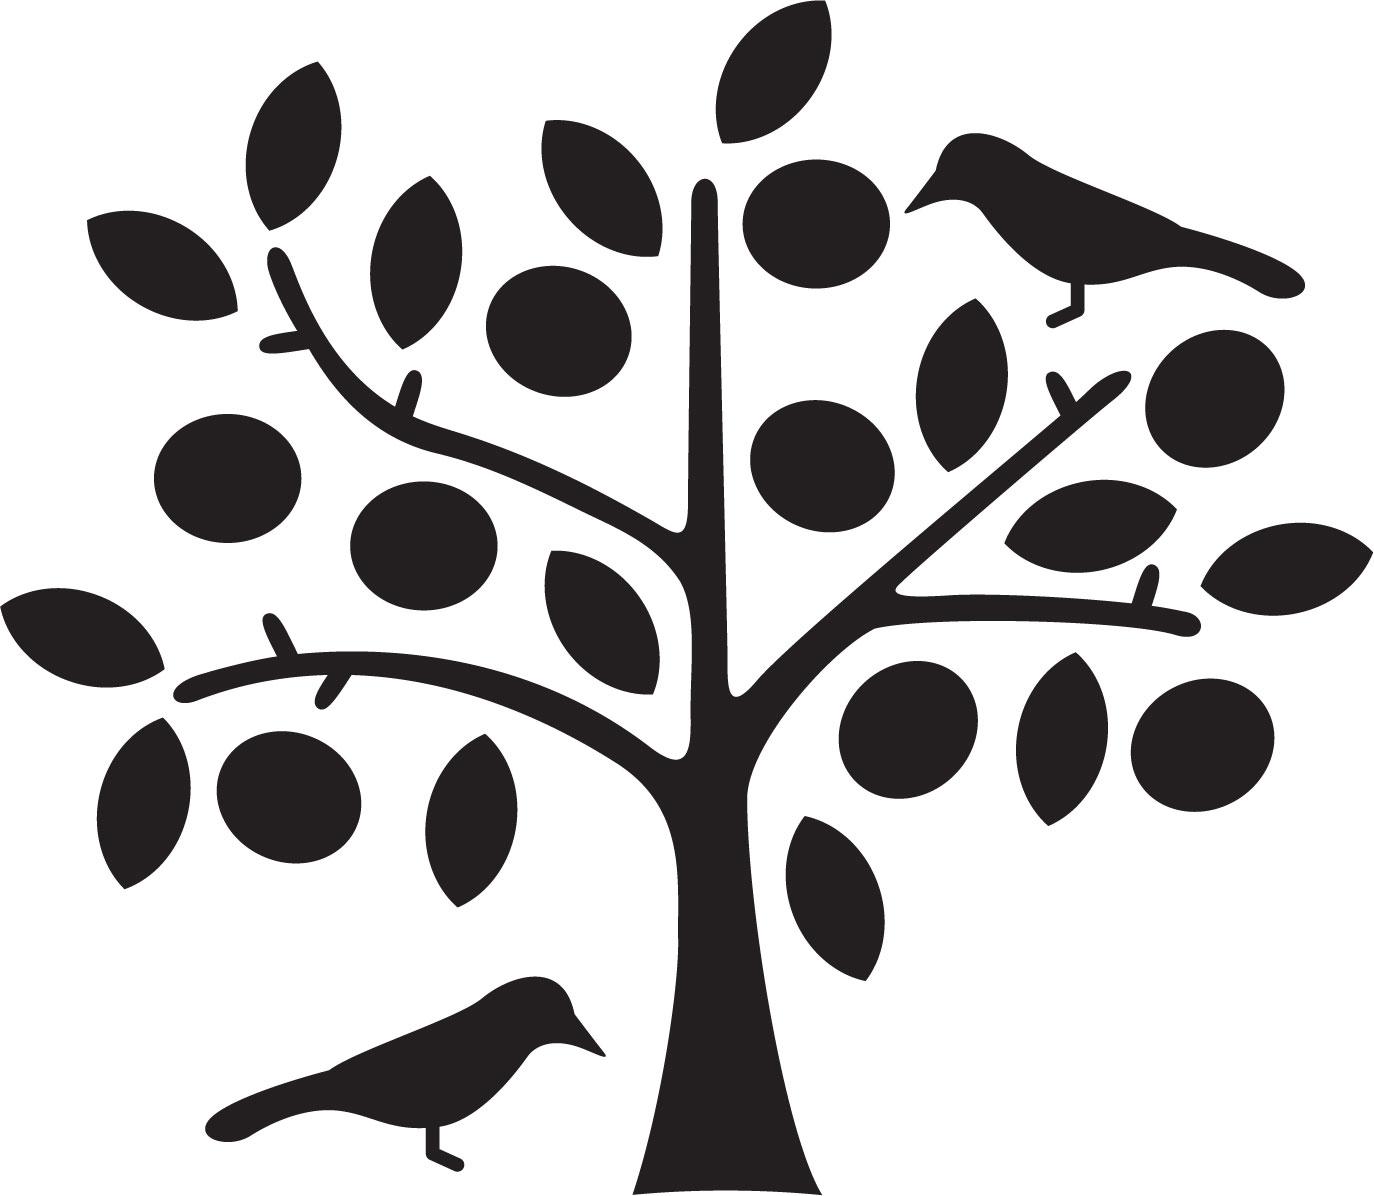 葉っぱや草木のイラスト『白黒・モノクロ』/無料のフリー素材集【百花